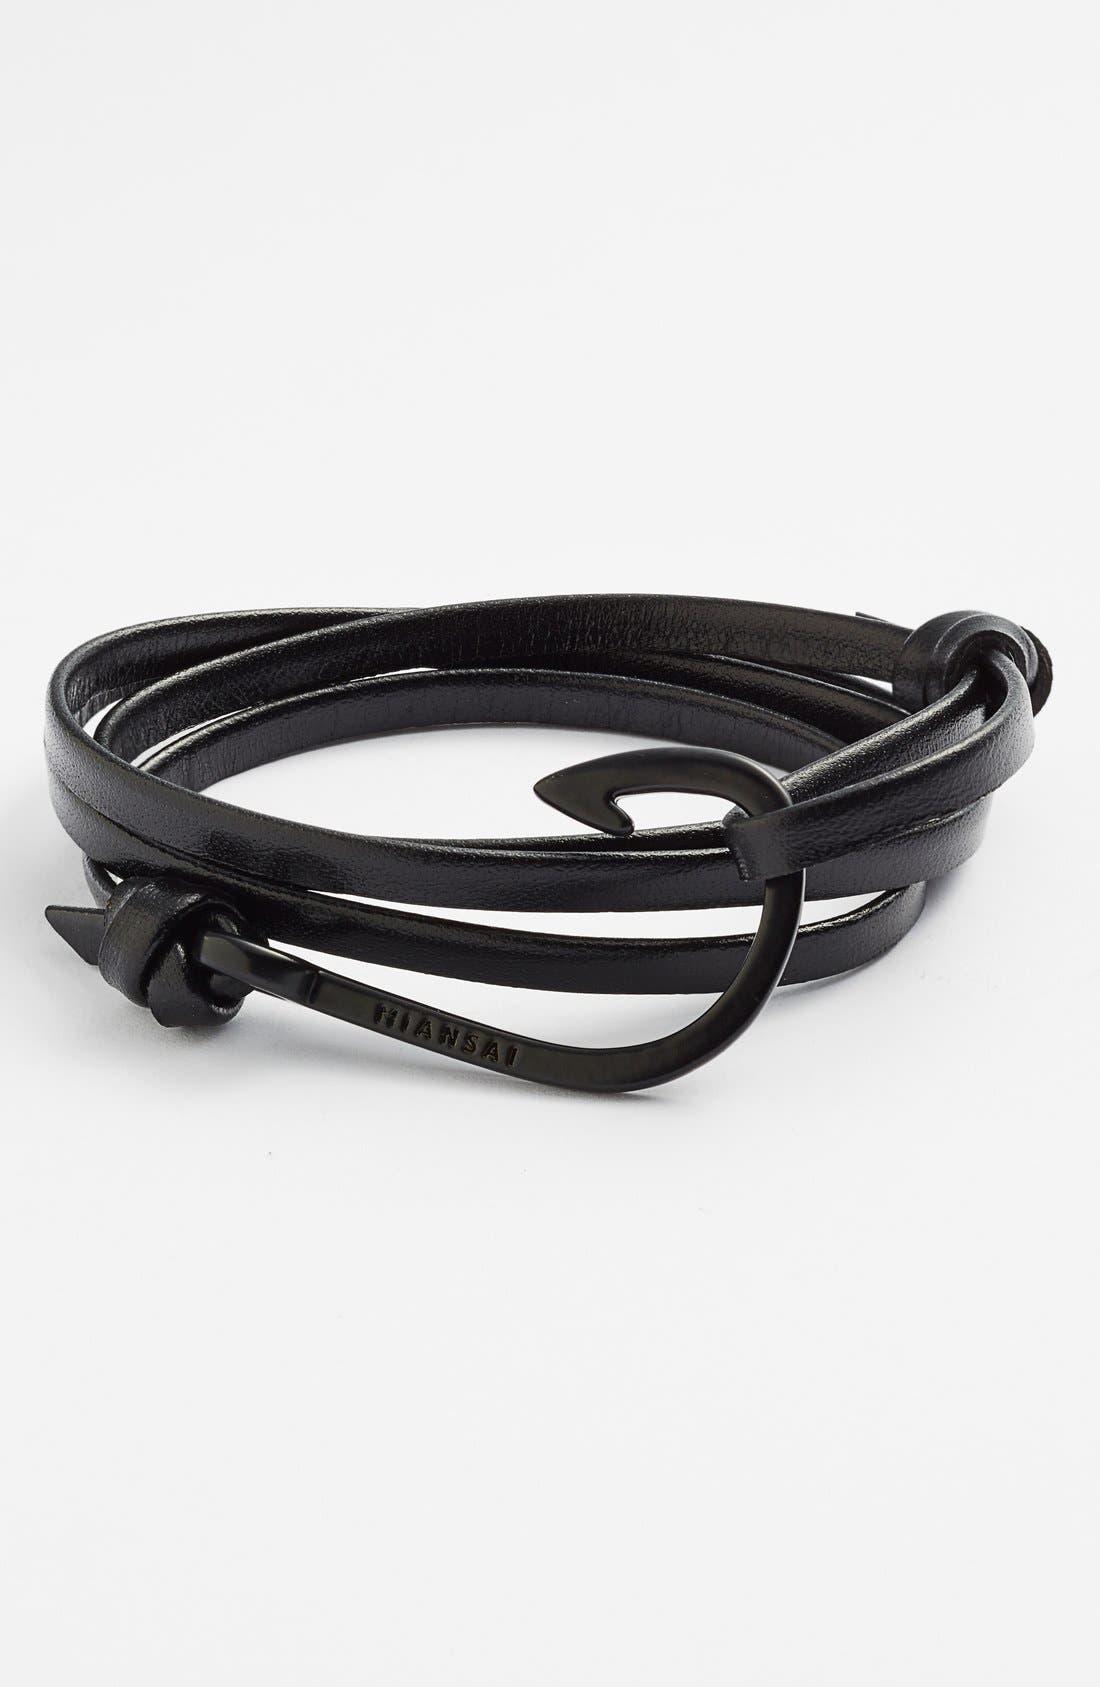 MIANSAI 'Noir' Hook Leather Bracelet, Main, color, 001